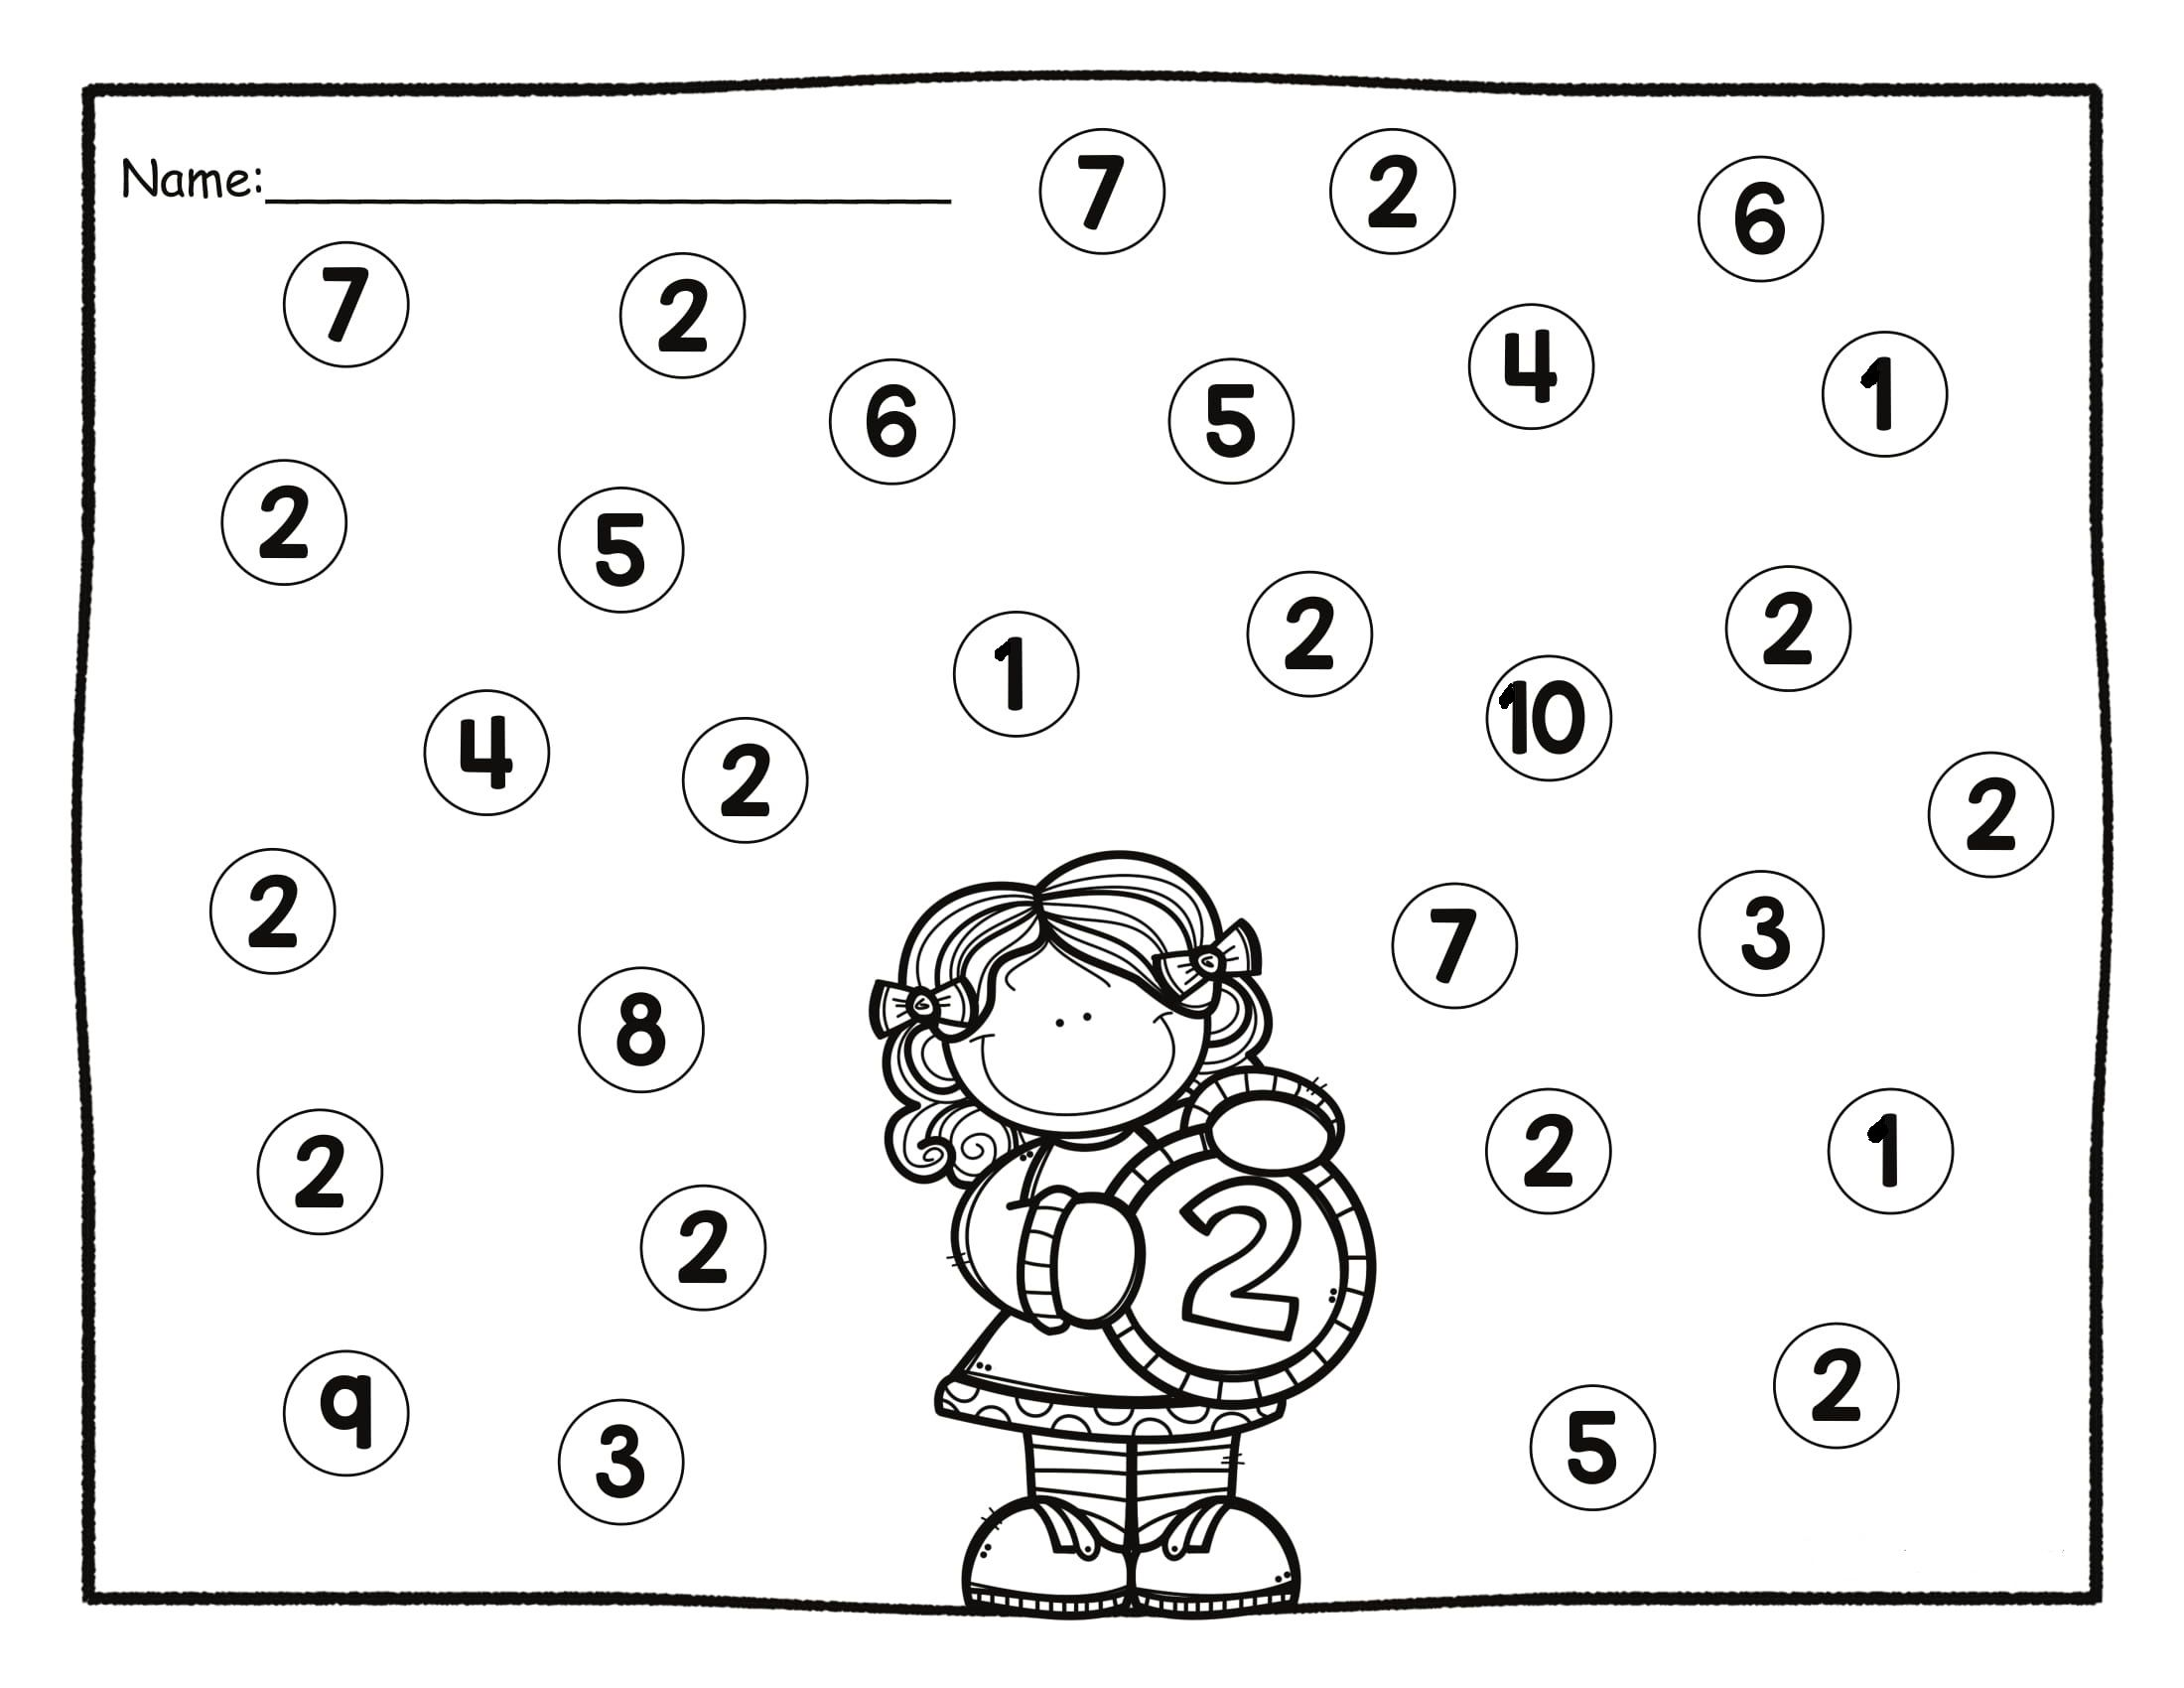 Okul Oncesi Boyama Sayfasi Etkinligi Temel Matematik Matematik